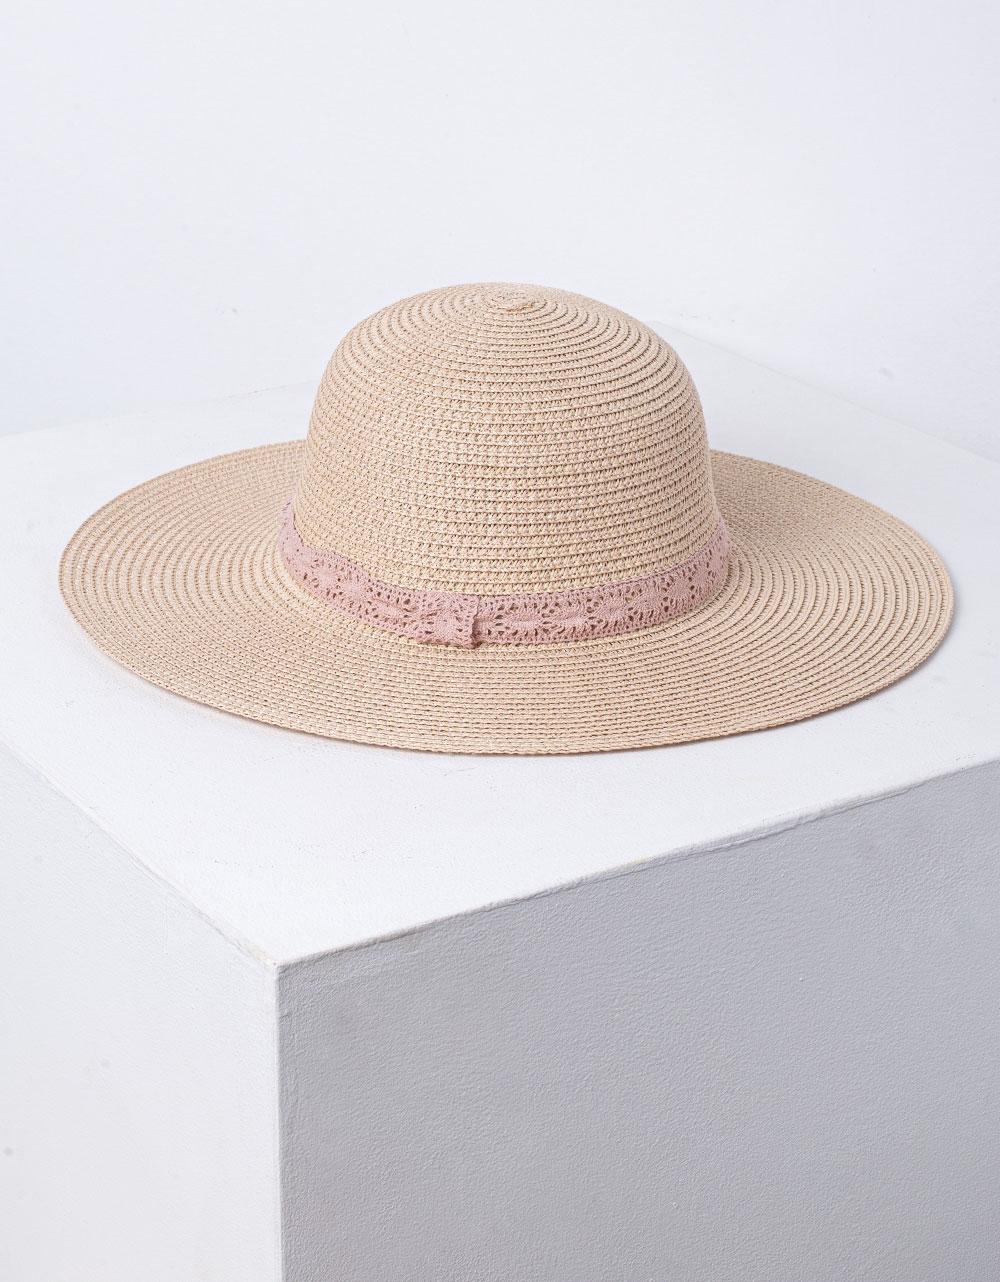 Εικόνα από Γυναικείο καπέλο ψάθινο Ροζ